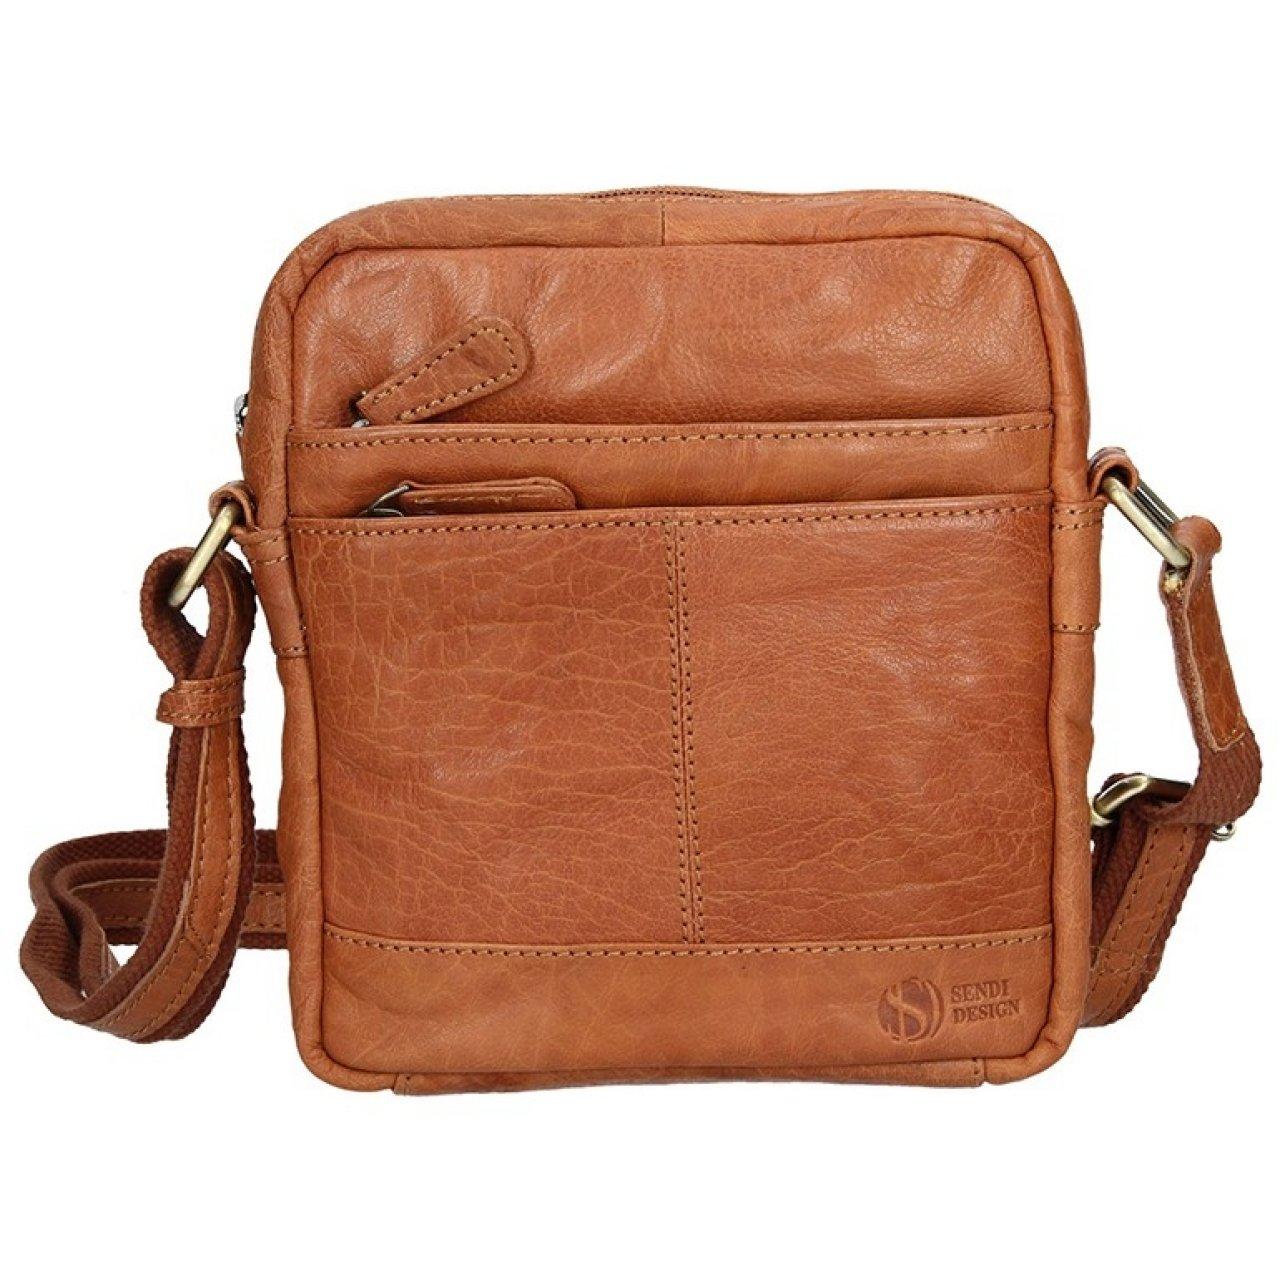 85f2e33d53 Pánská kožená taška na doklady SendiDesign Daniele - světle hnědá ...